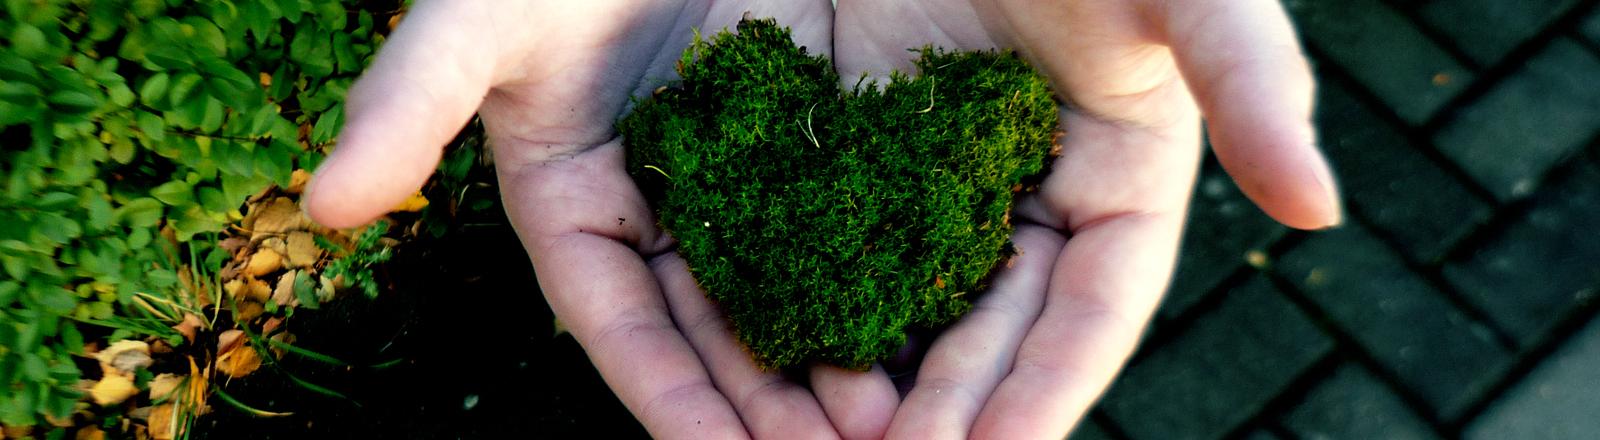 Ein grünes Herz aus Wiese